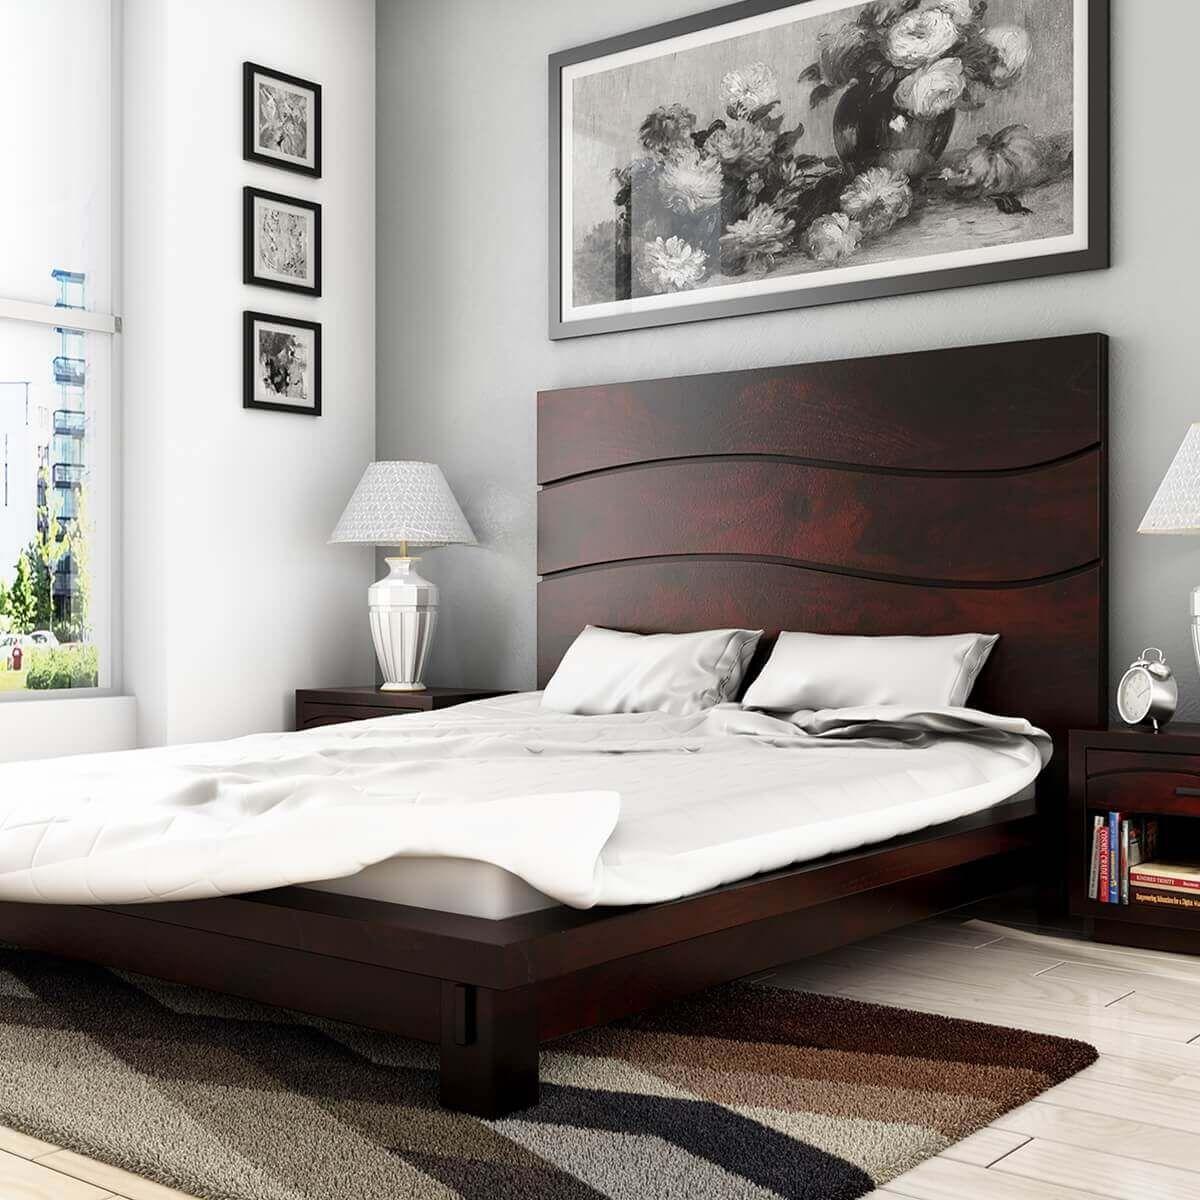 Santa Barbara Solid Wood High Headboard Platform Bed in 2021   Simple bed designs, Bedroom bed ...